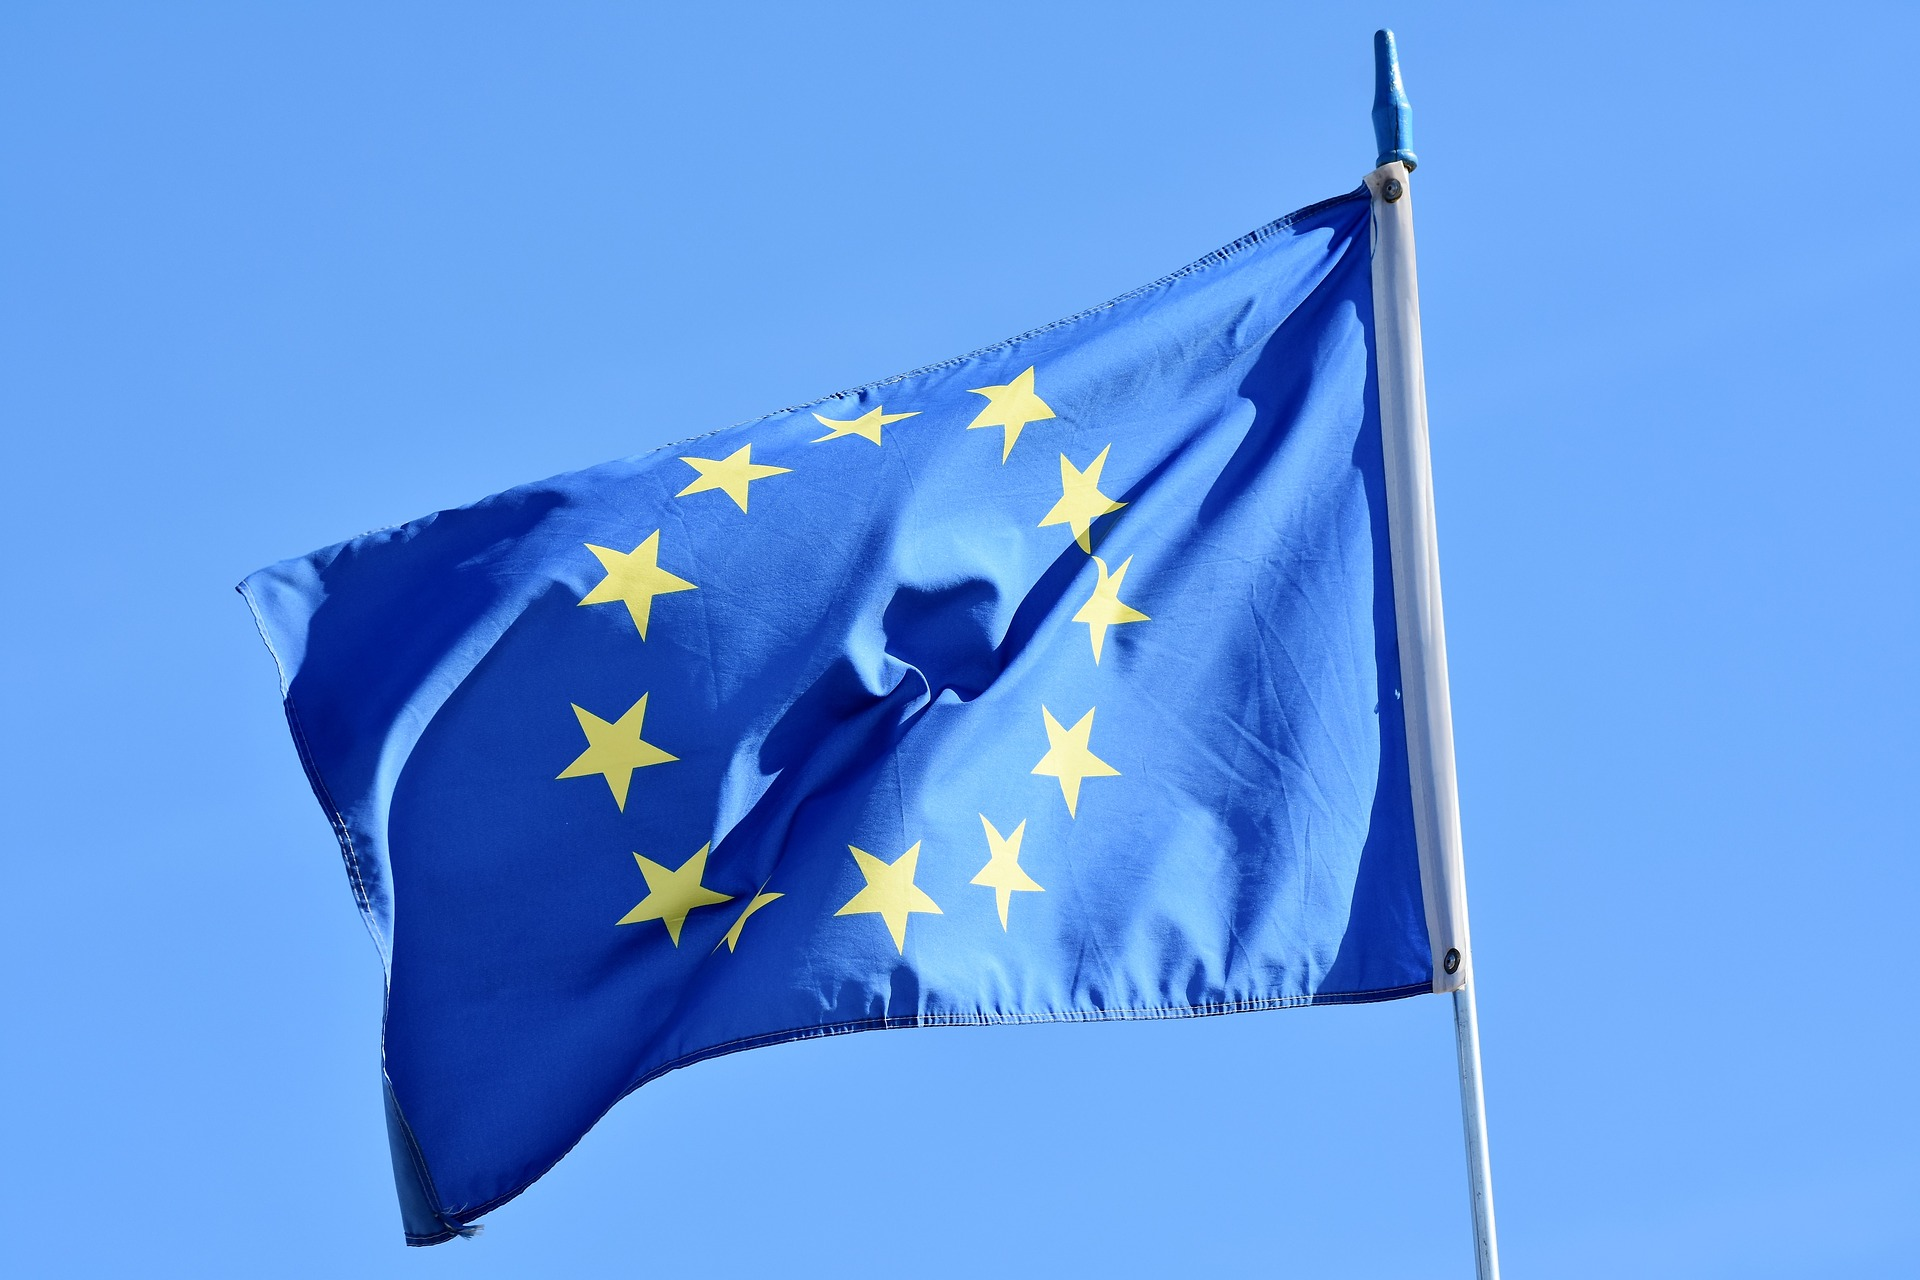 Scheitern der französischen Rentenreform-Pläne hat europäische Dimension